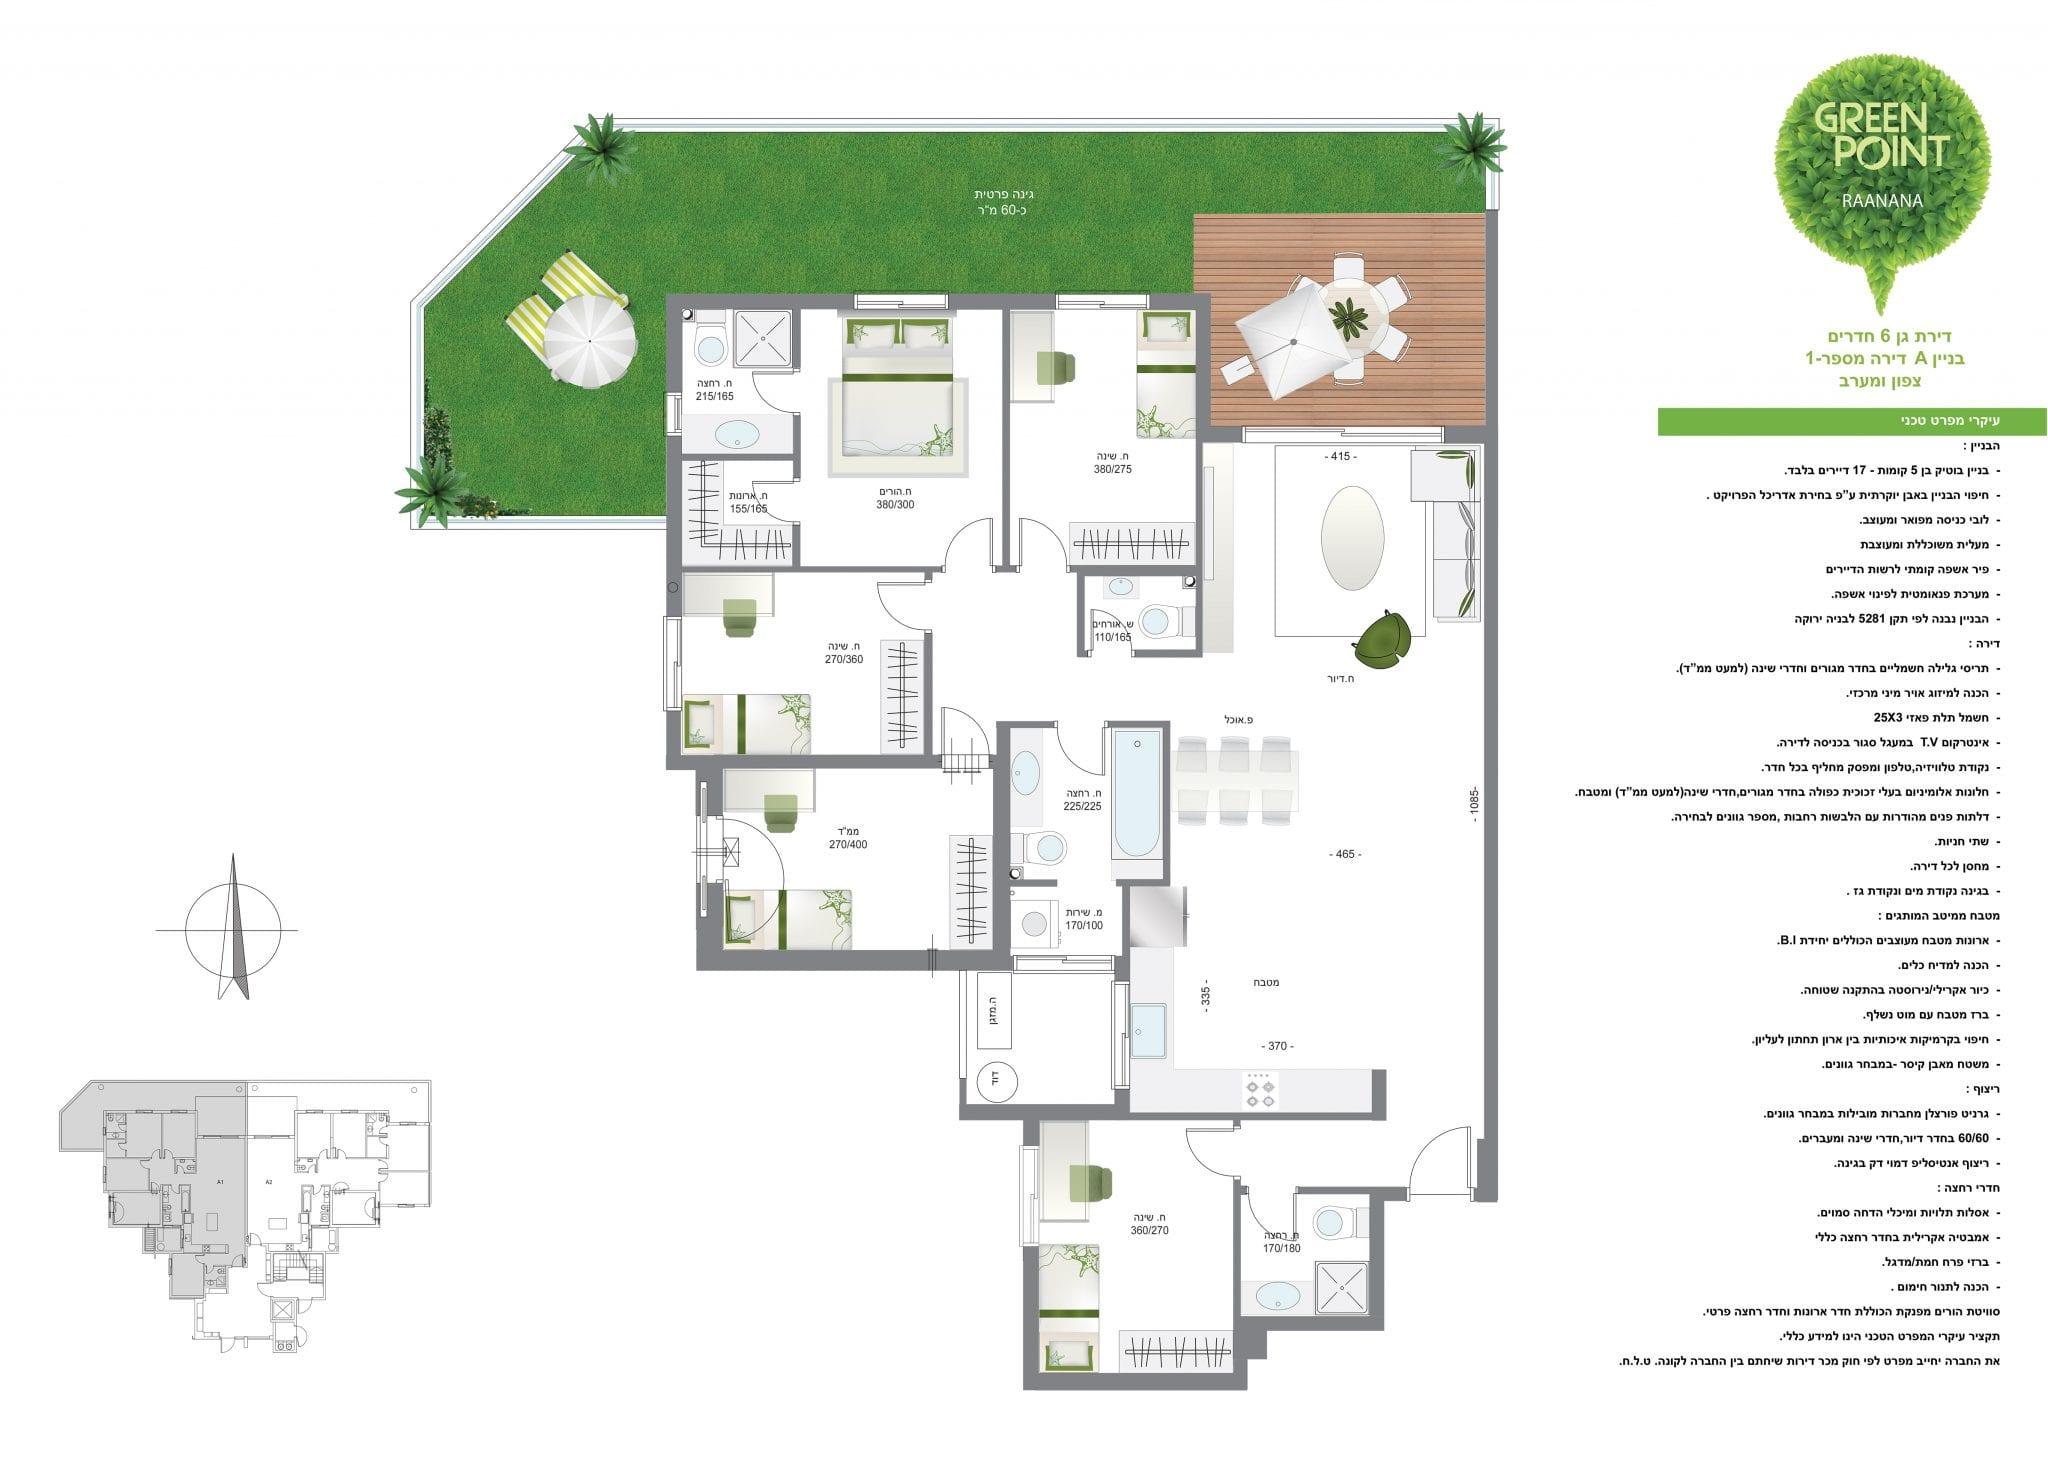 בניין A - דירת גן 6 חדרים -קומת קרקע - דירה 1